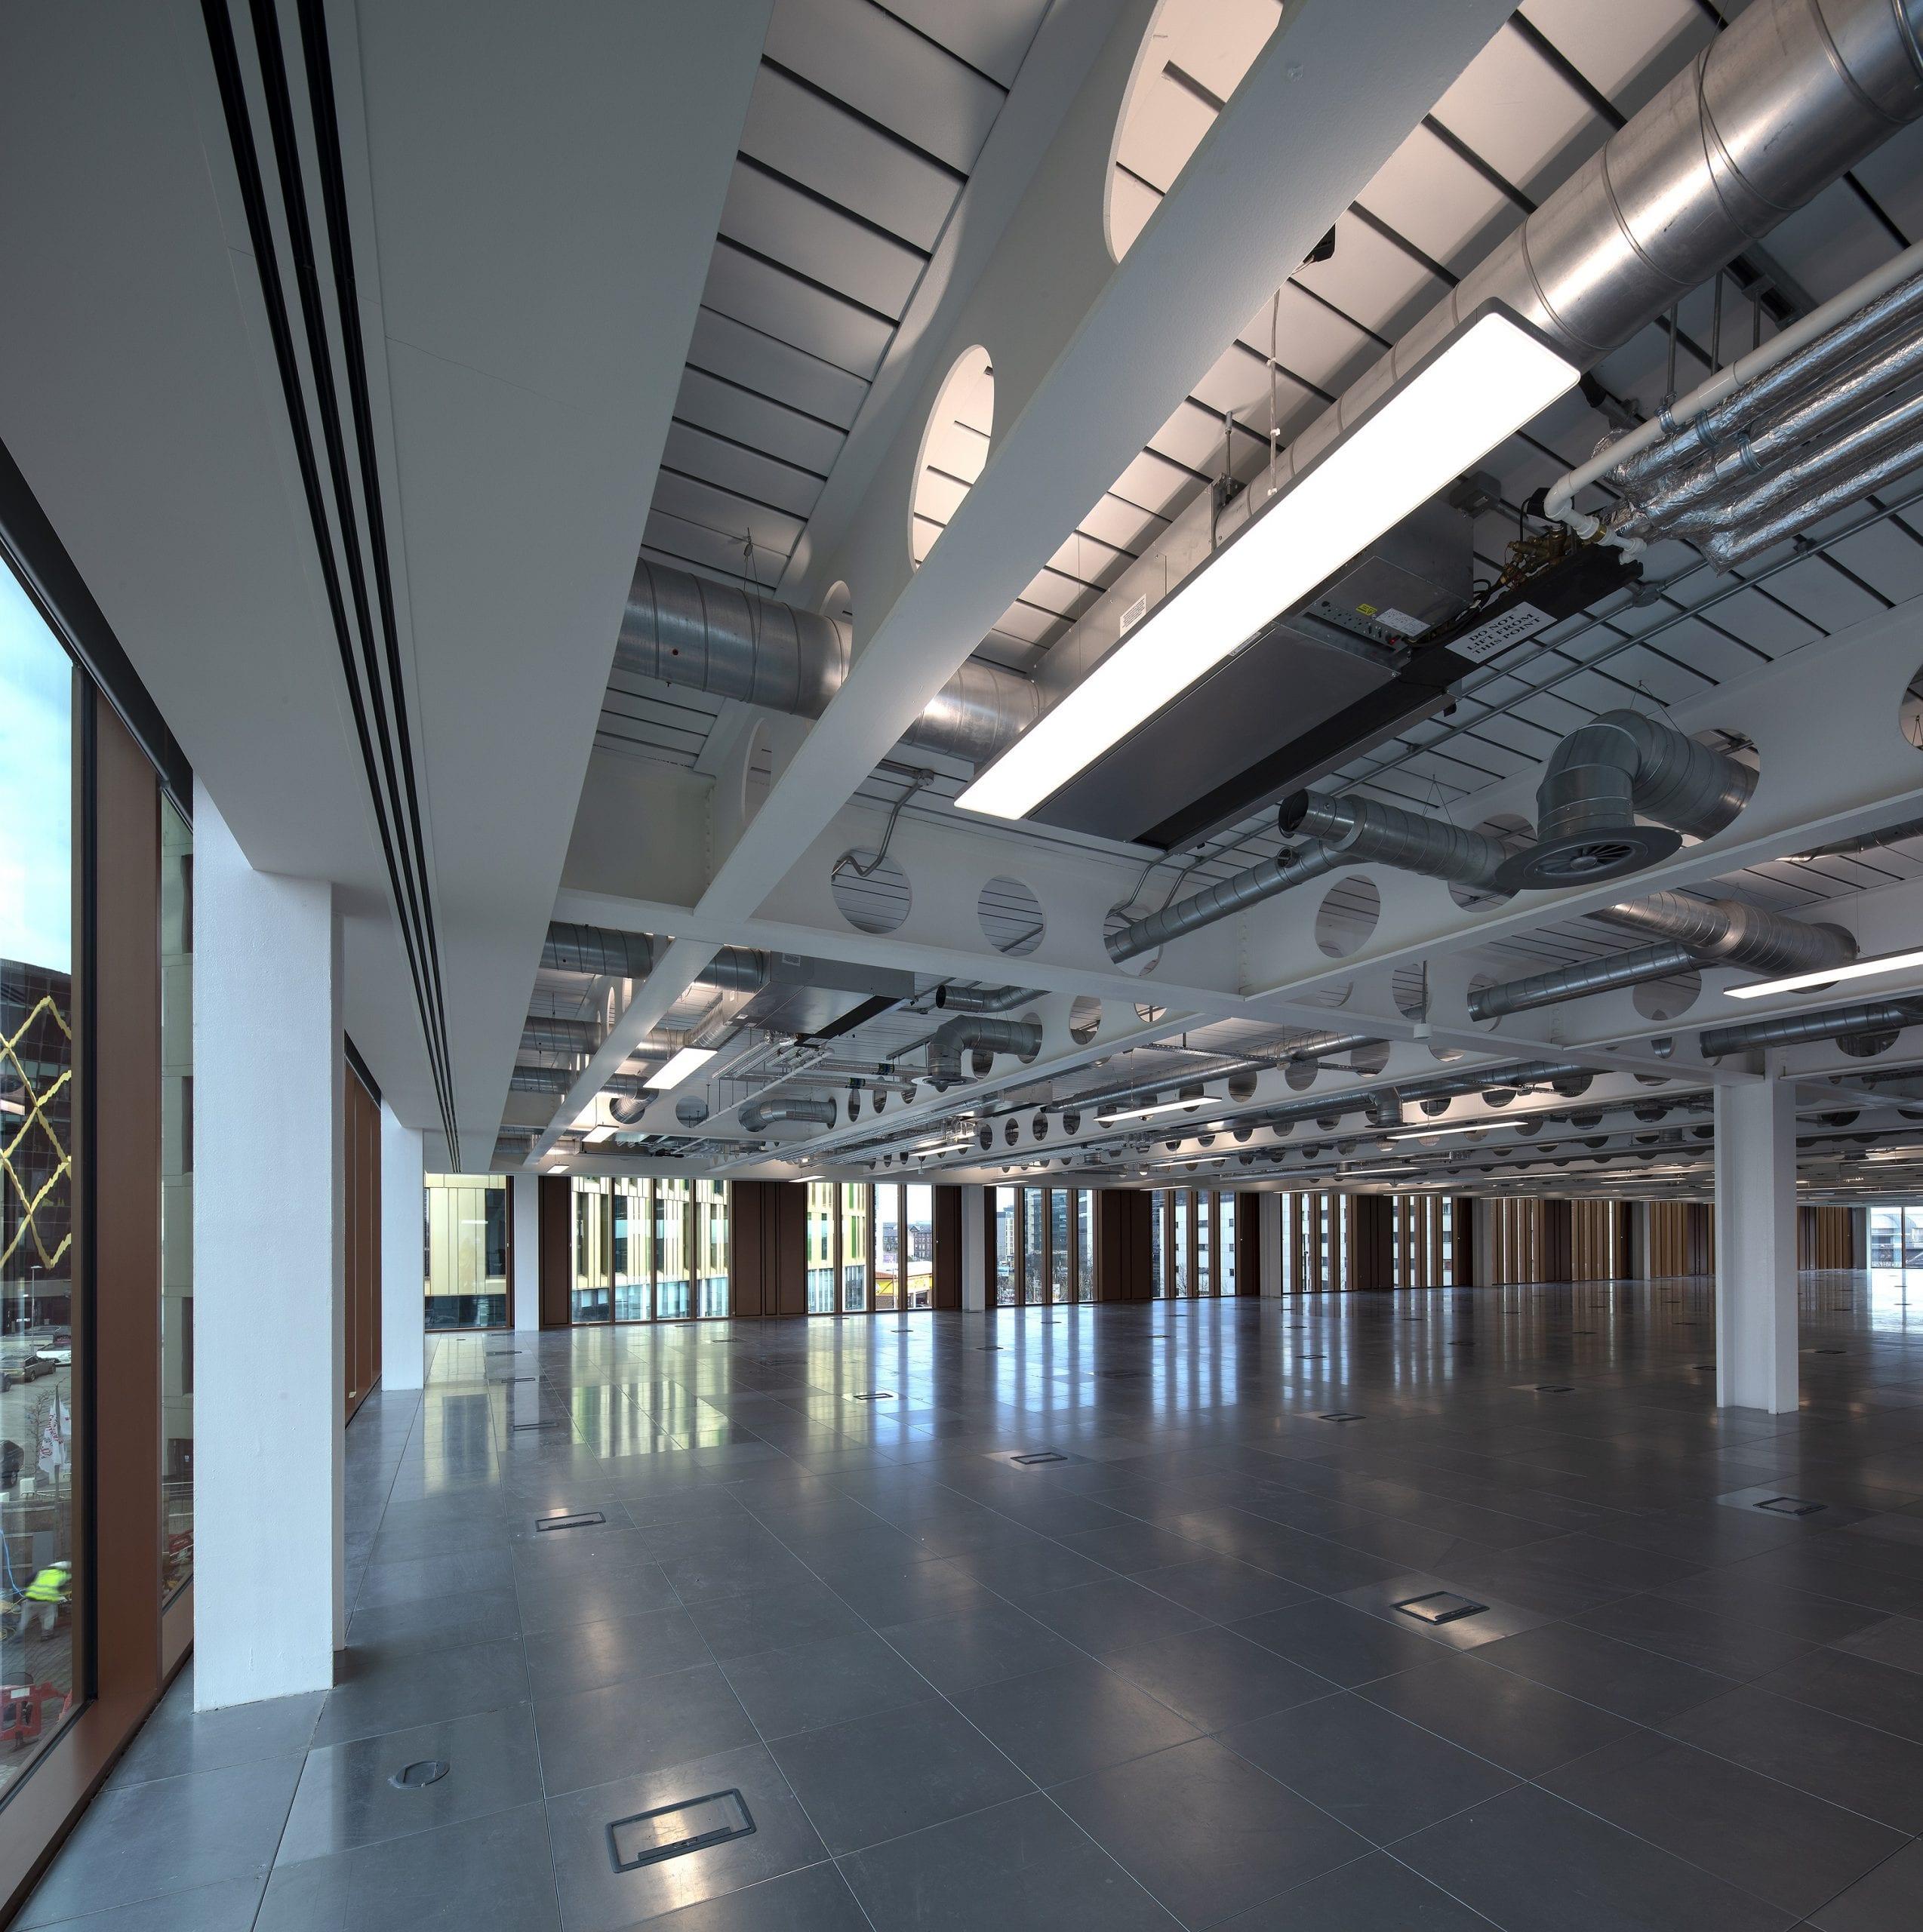 The Lumen Building Interior